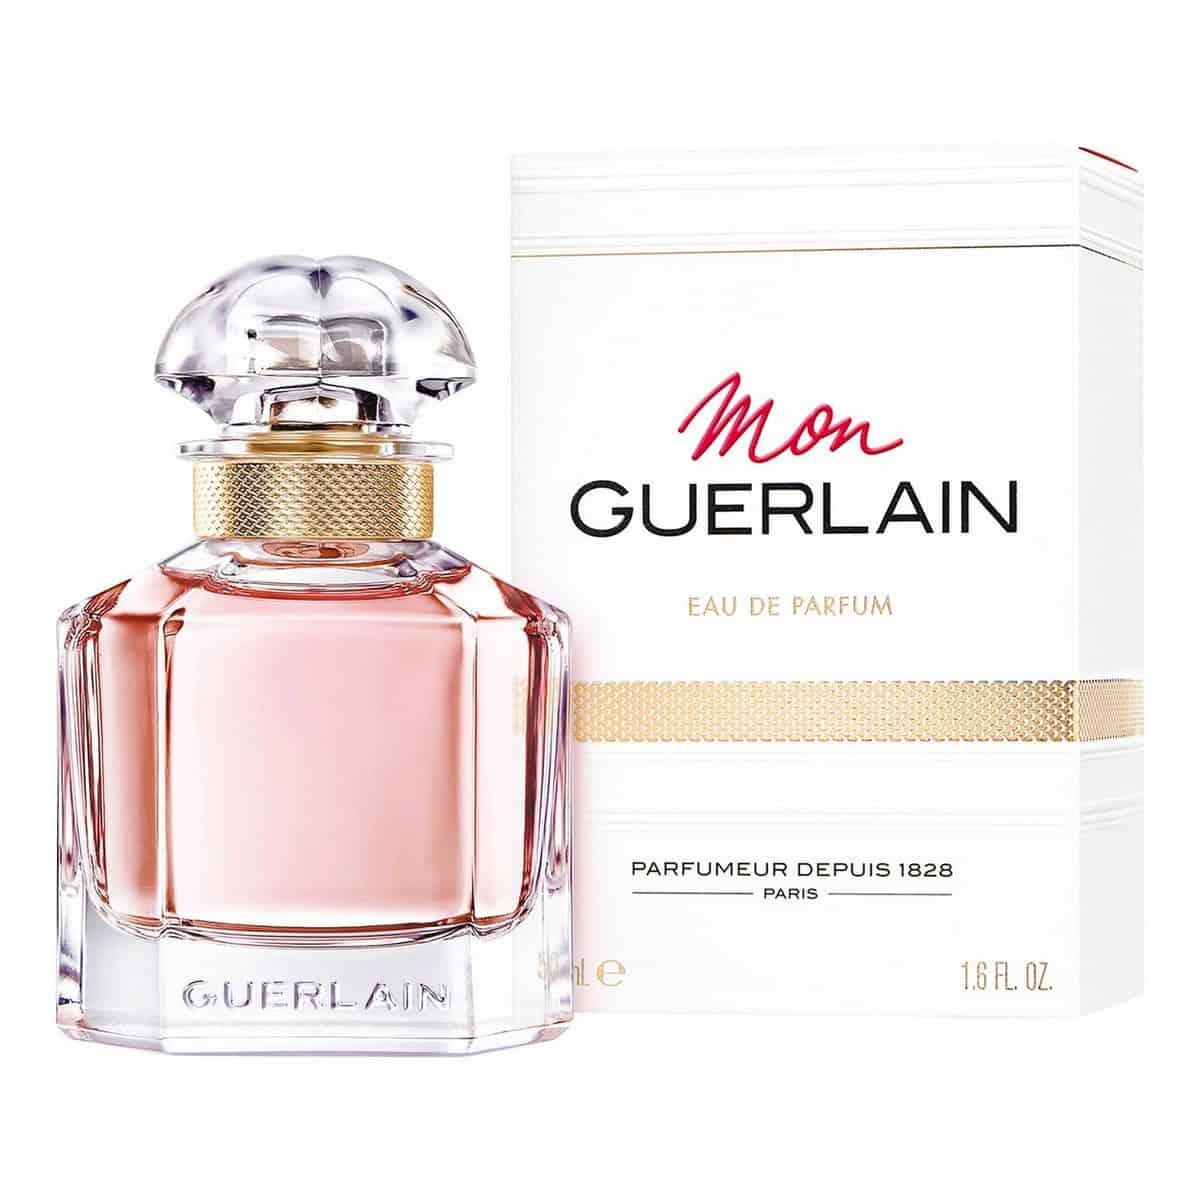 Mon Guerlain Eau de Parfum by Guerlain